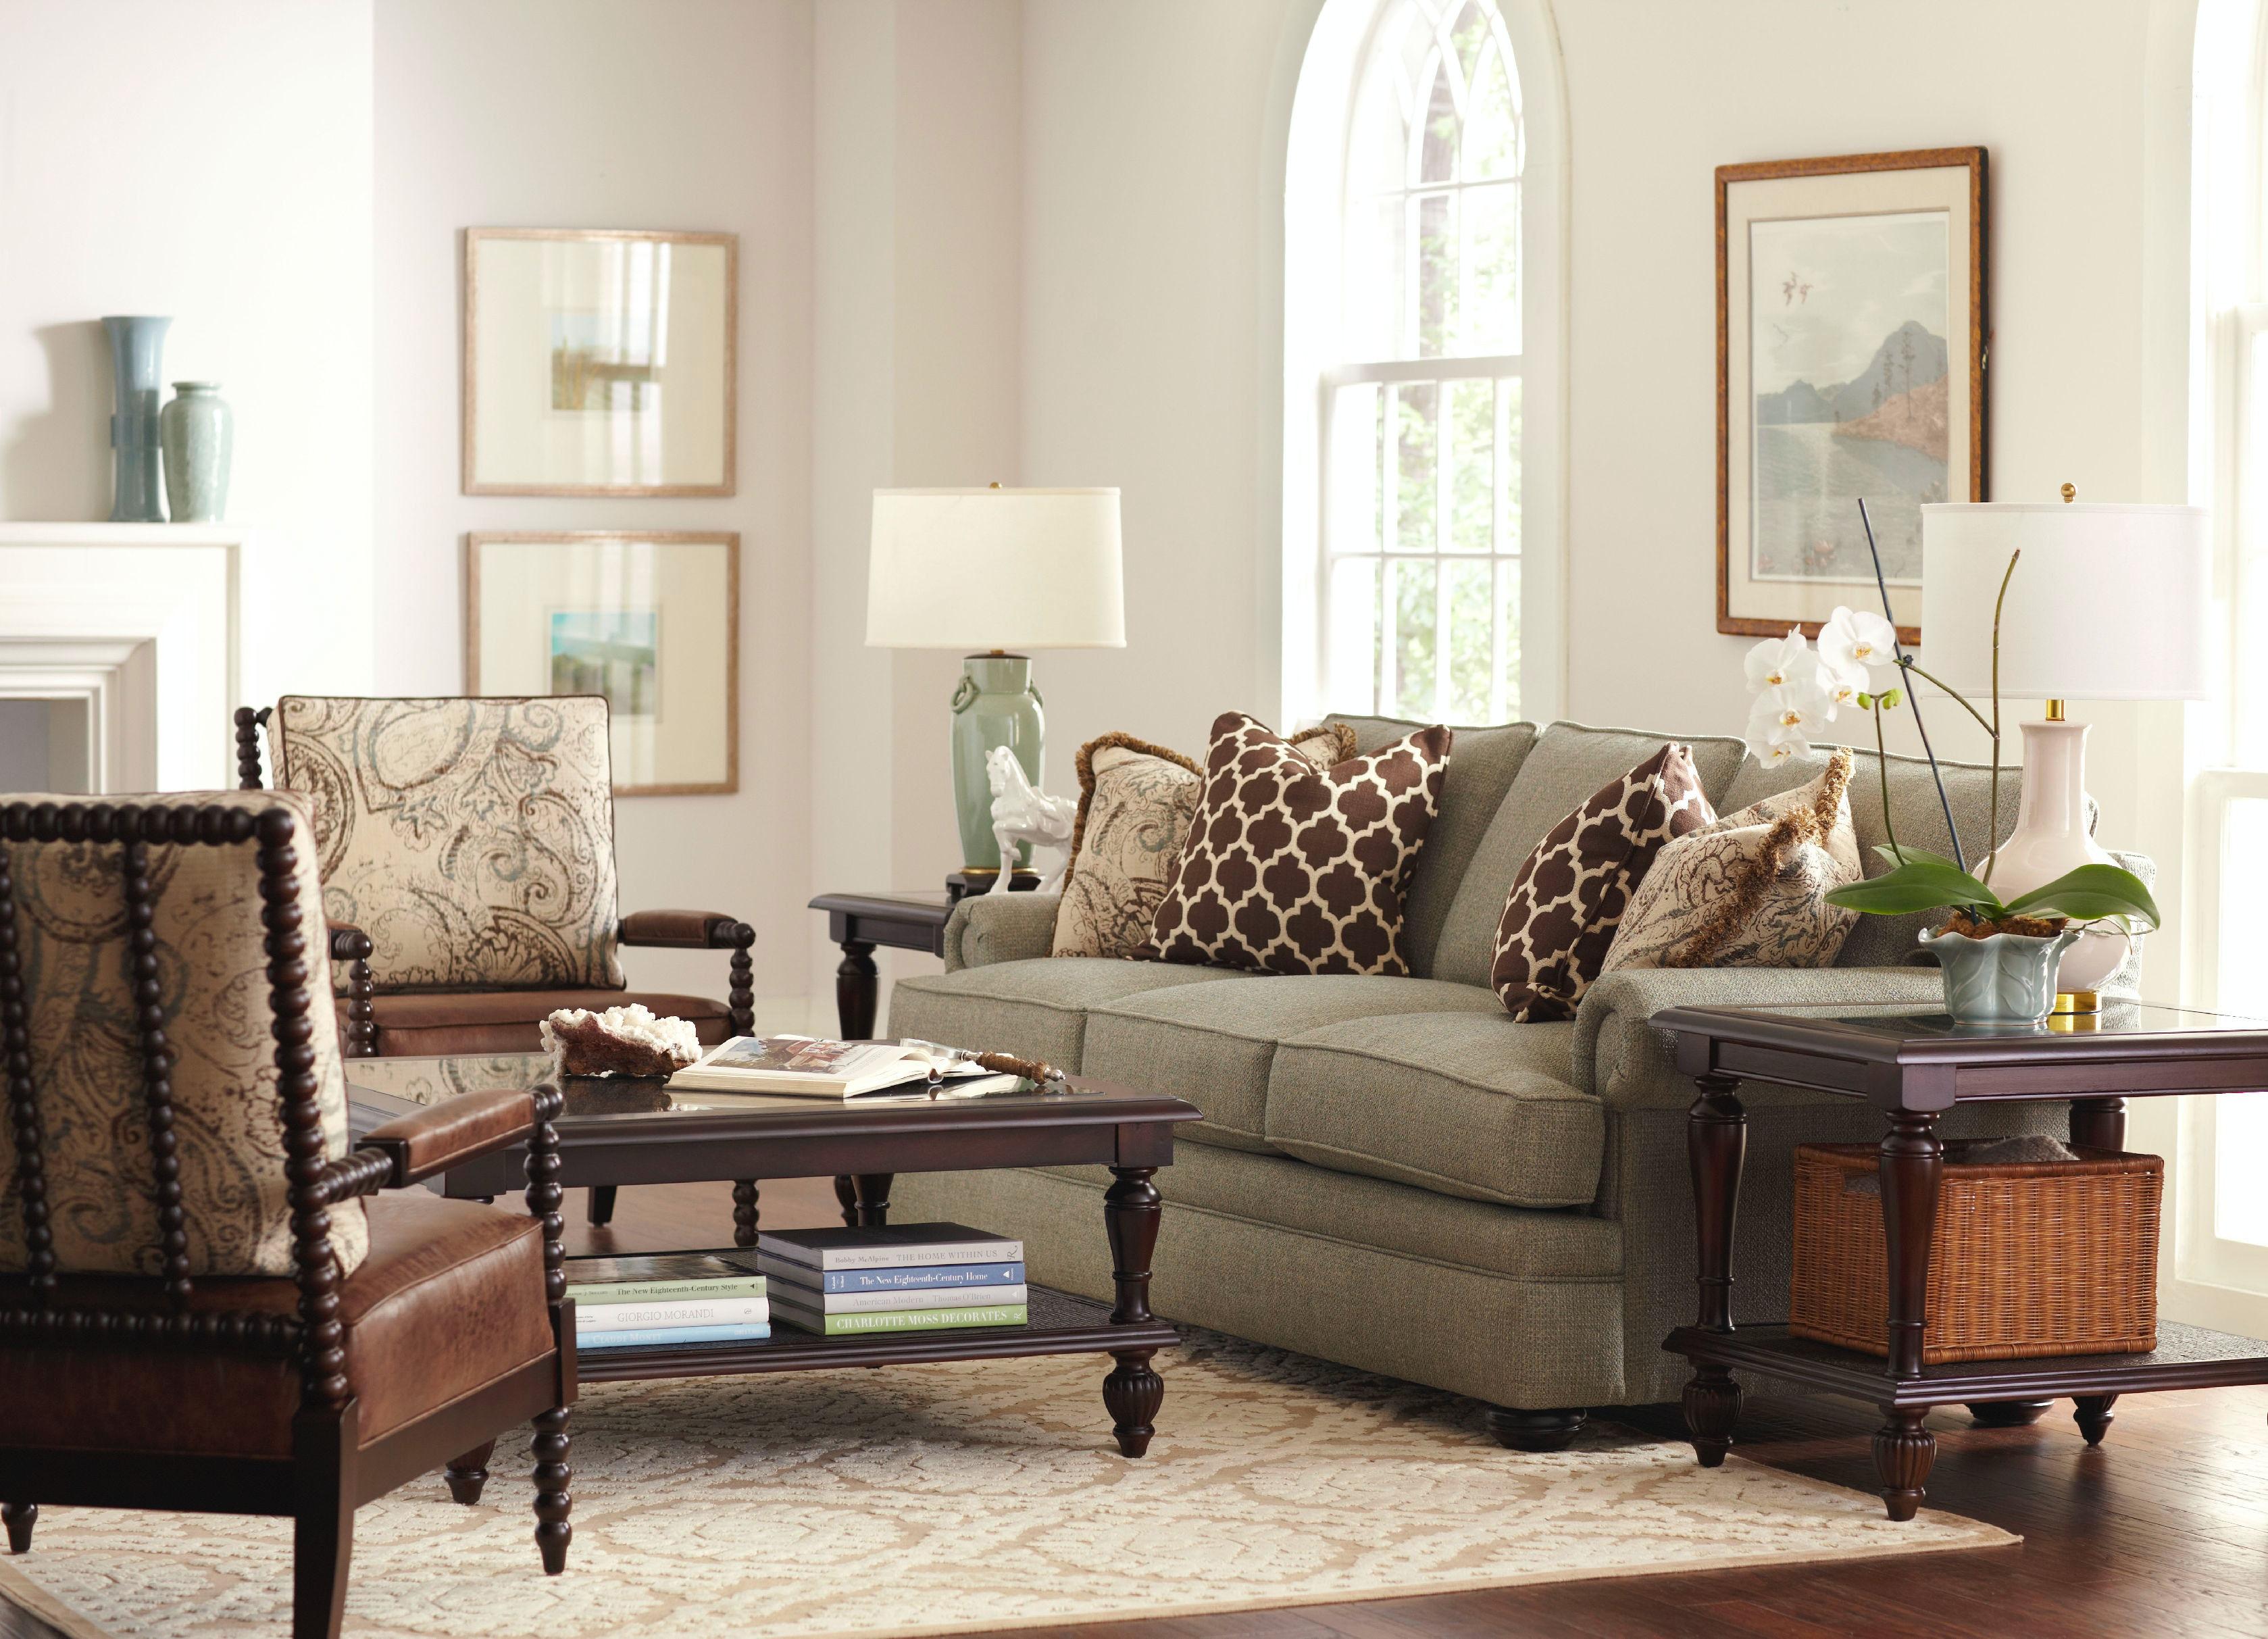 7111 011. Sofa